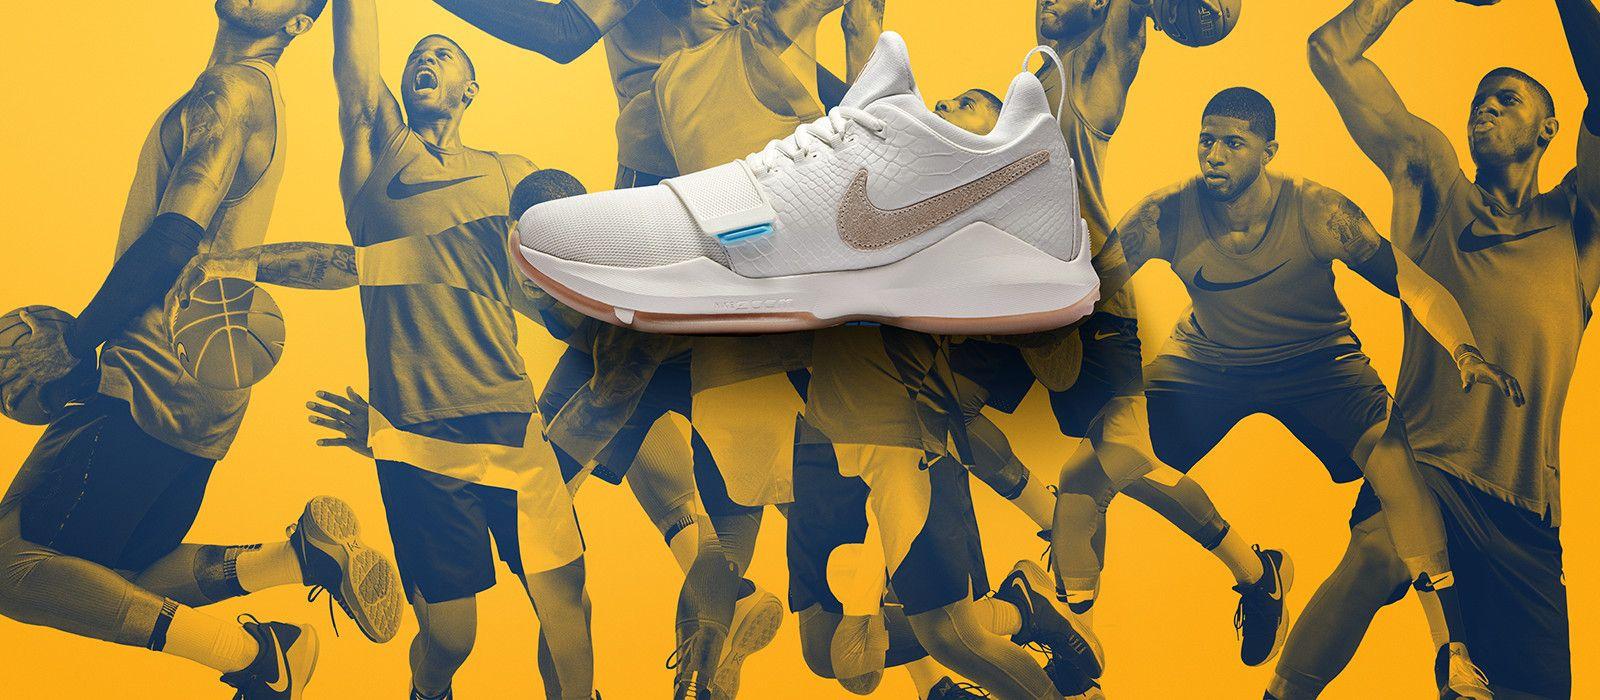 Nike PG 1 'Ivory' Ad